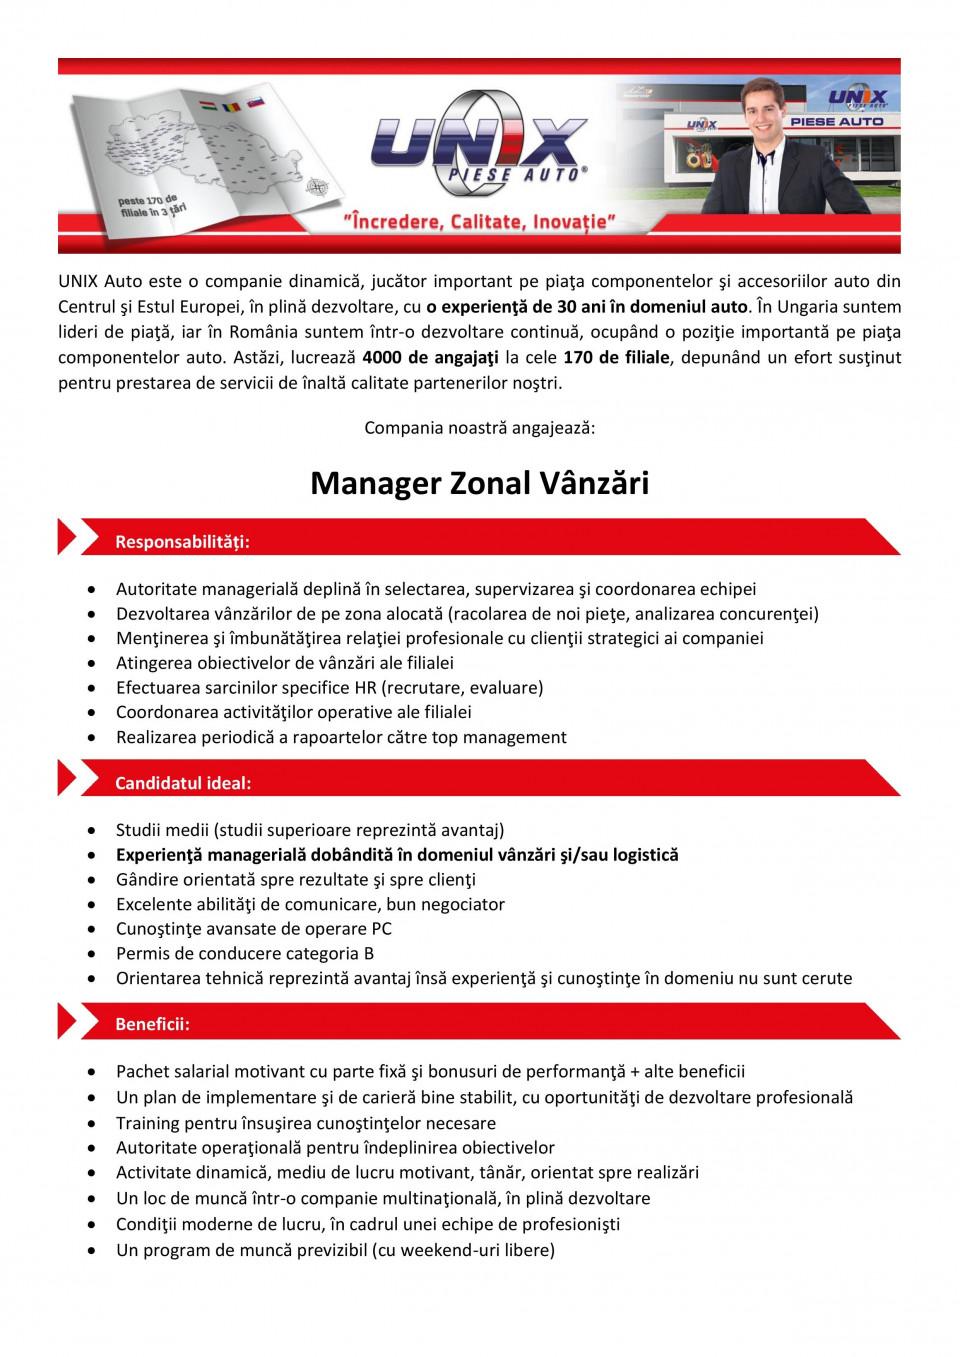 Manager Zonal Vânzări  Studii medii (studii superioare reprezintă avantaj) Experienţă managerială dobândită în domeniul vânzări şi/sau logistică Gândire orientată spre rezultate şi spre clienţi Excelente abilităţi de comunicare, bun negociator Cunoştinţe avansate de operare PC Permis de conducere categoria B Orientarea tehnică reprezintă avantaj însă experienţă şi cunoştinţe în domeniu nu sunt cerute  Responsabilități: Autoritate managerială deplină în selectarea, supervizarea şi coordonarea echipei Dezvoltarea vânzărilor de pe zona alocată (racolarea de noi pieţe, analizarea concurenţei) Menţinerea şi îmbunătăţirea relaţiei profesionale cu clienţii strategici ai companiei Atingerea obiectivelor de vânzări ale filialei Efectuarea sarcinilor specifice HR (recrutare, evaluare) Coordonarea activităţilor operative ale filialei Realizarea periodică a rapoartelor către top management  Beneficii: Pachet salarial motivant cu parte fixă şi bonusuri de performanţă + alte beneficii Un plan de implementare şi de carieră bine stabilit, cu oportunităţi de dezvoltare profesională Training pentru însuşirea cunoştinţelor necesare Autoritate operaţională pentru îndeplinirea obiectivelor Activitate dinamică, mediu de lucru motivant, tânăr, orientat spre realizări Un loc de muncă într-o companie multinaţională, în plină dezvoltare Condiţii moderne de lucru, în cadrul unei echipe de profesionişti Un program de muncă previzibil (cu weekend-uri libere)  Compania noastră este un distribuitor de piese auto, care se află într-o expansiune dinamică în cele trei ţări ale regiunii Central şi Est Europene, unde lucrează peste 4000 de angajaţi la cele 170 de filiale. Sistemul logistic avansat şi catalogul electronic de piese auto asigură un serviciu unic partenerilor noştri. Datorită dezvoltării semnificative a reţelei de distribuţie din România, suntem în căutarea unor colegi, care prin gestionarea profesionistă a relaţiilor interumane şi prin propunerile de îmbunătăţire, asigură servicii de îna